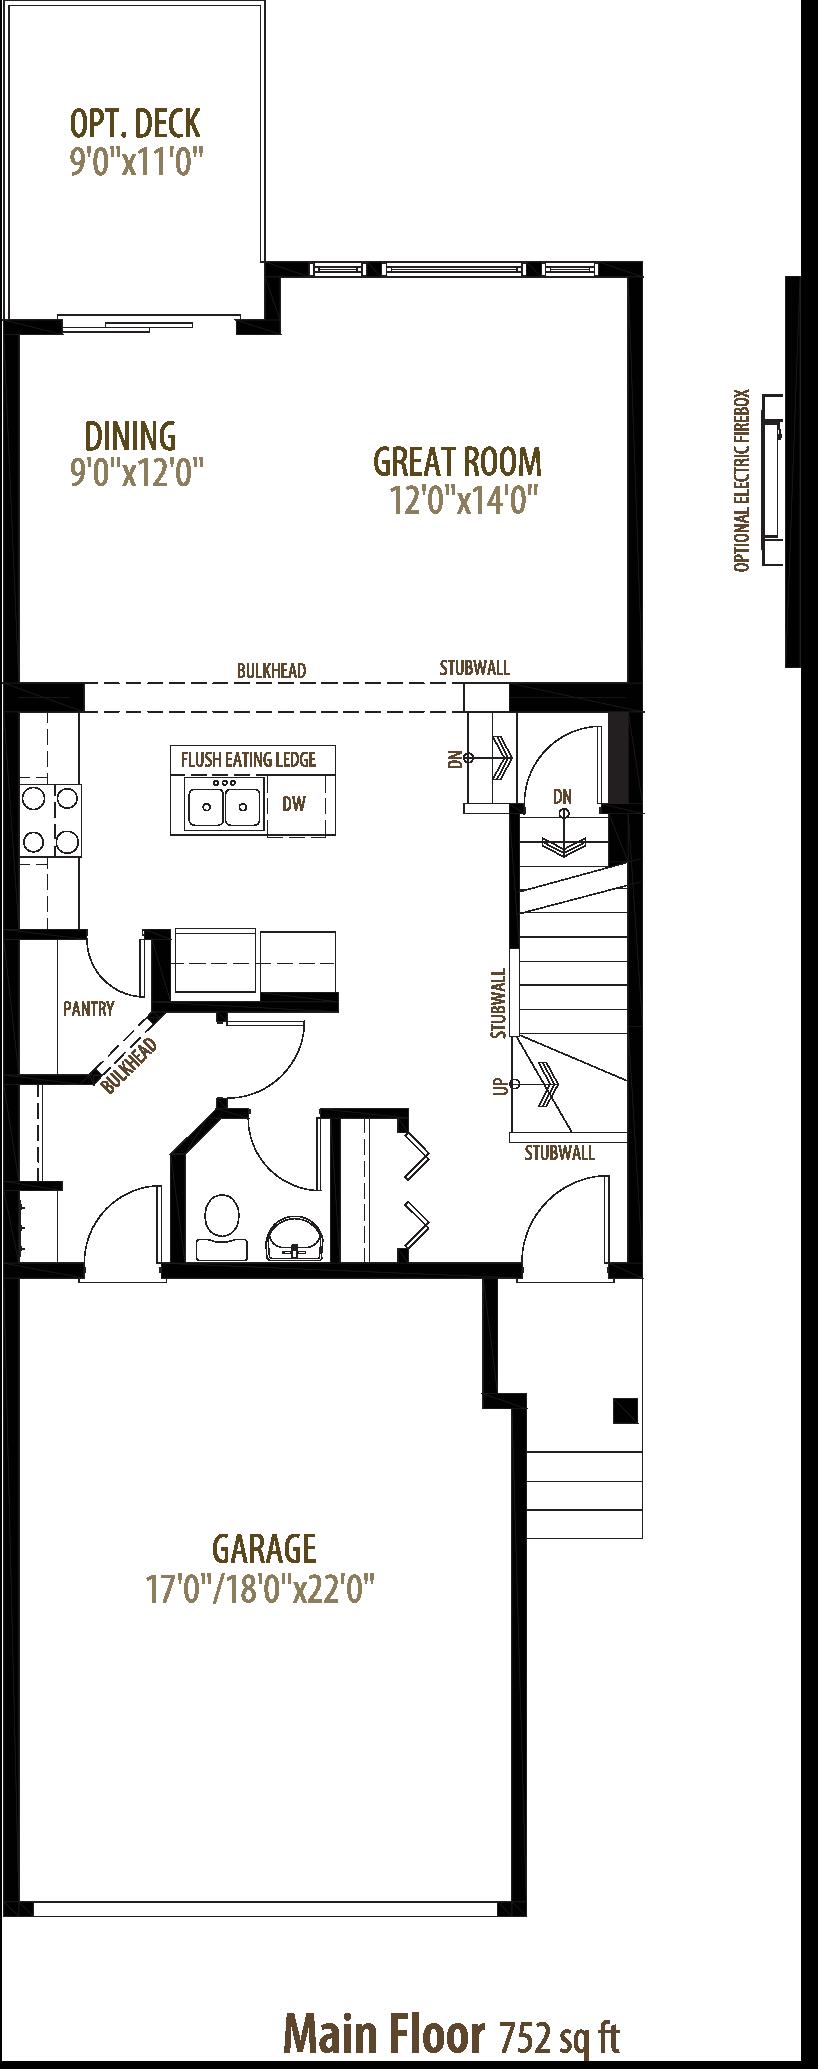 22027 80 Ave NW Floorplan